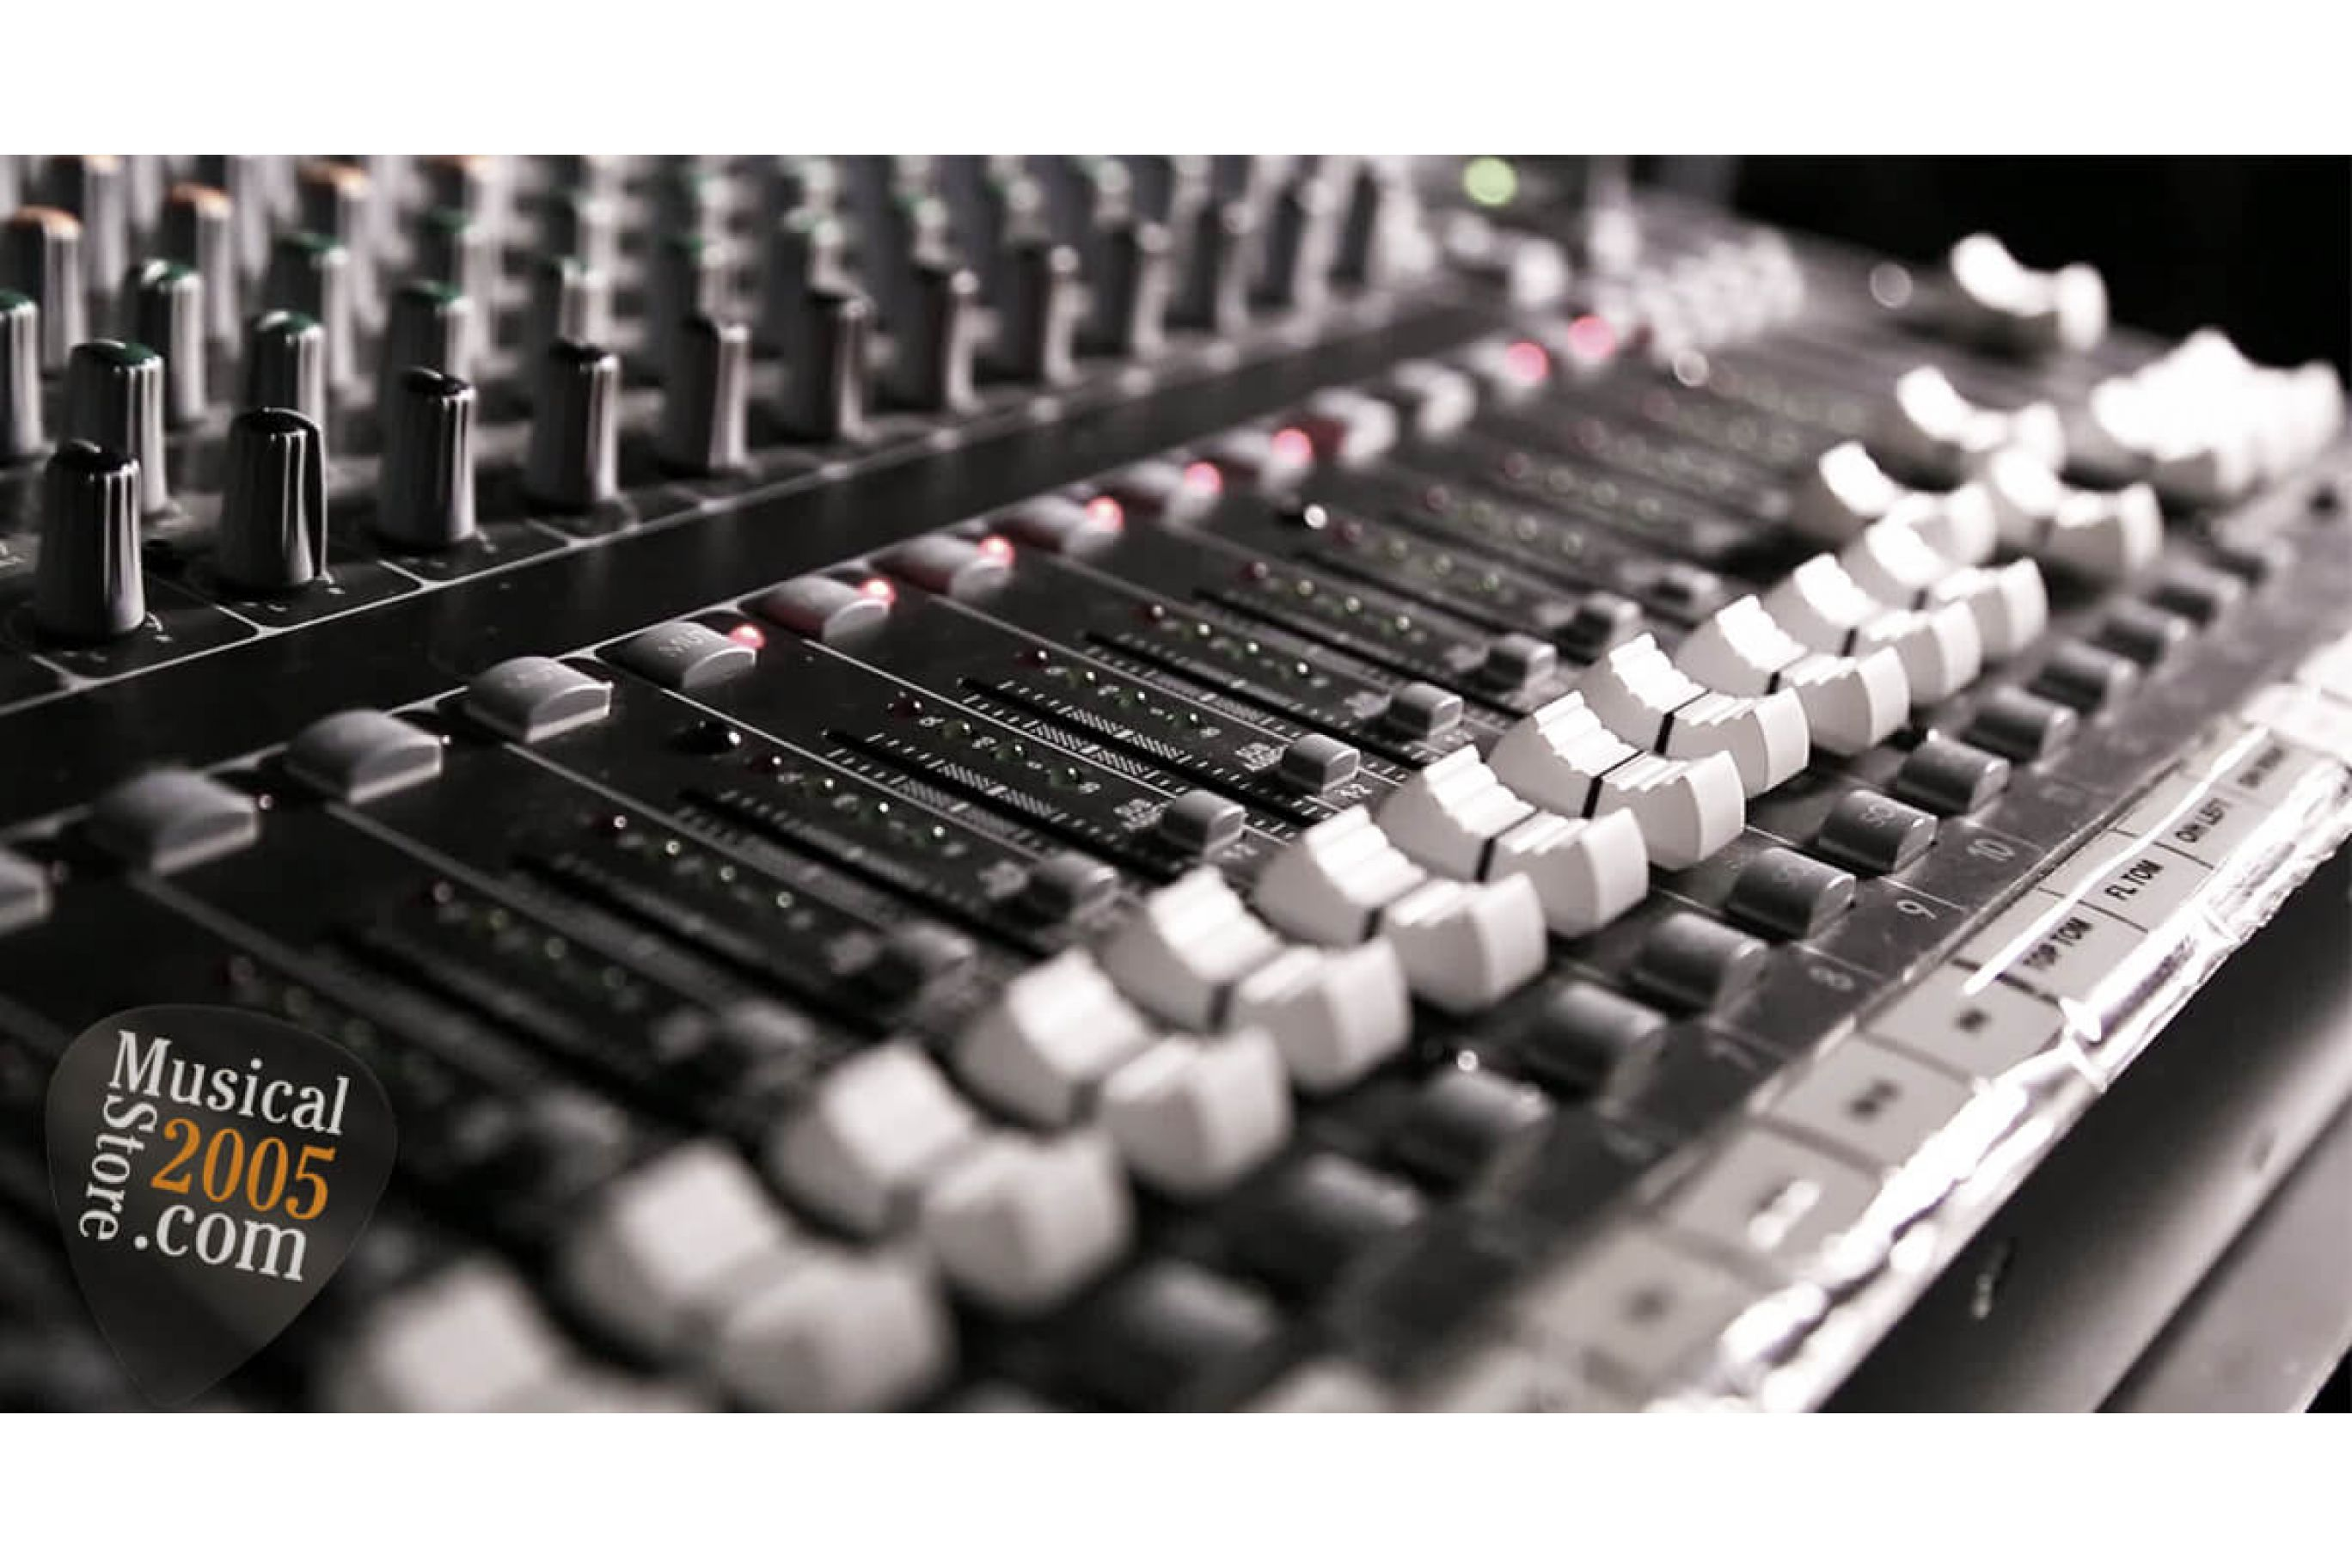 Come funziona un mixer audio? ecco i migliori mixer audio